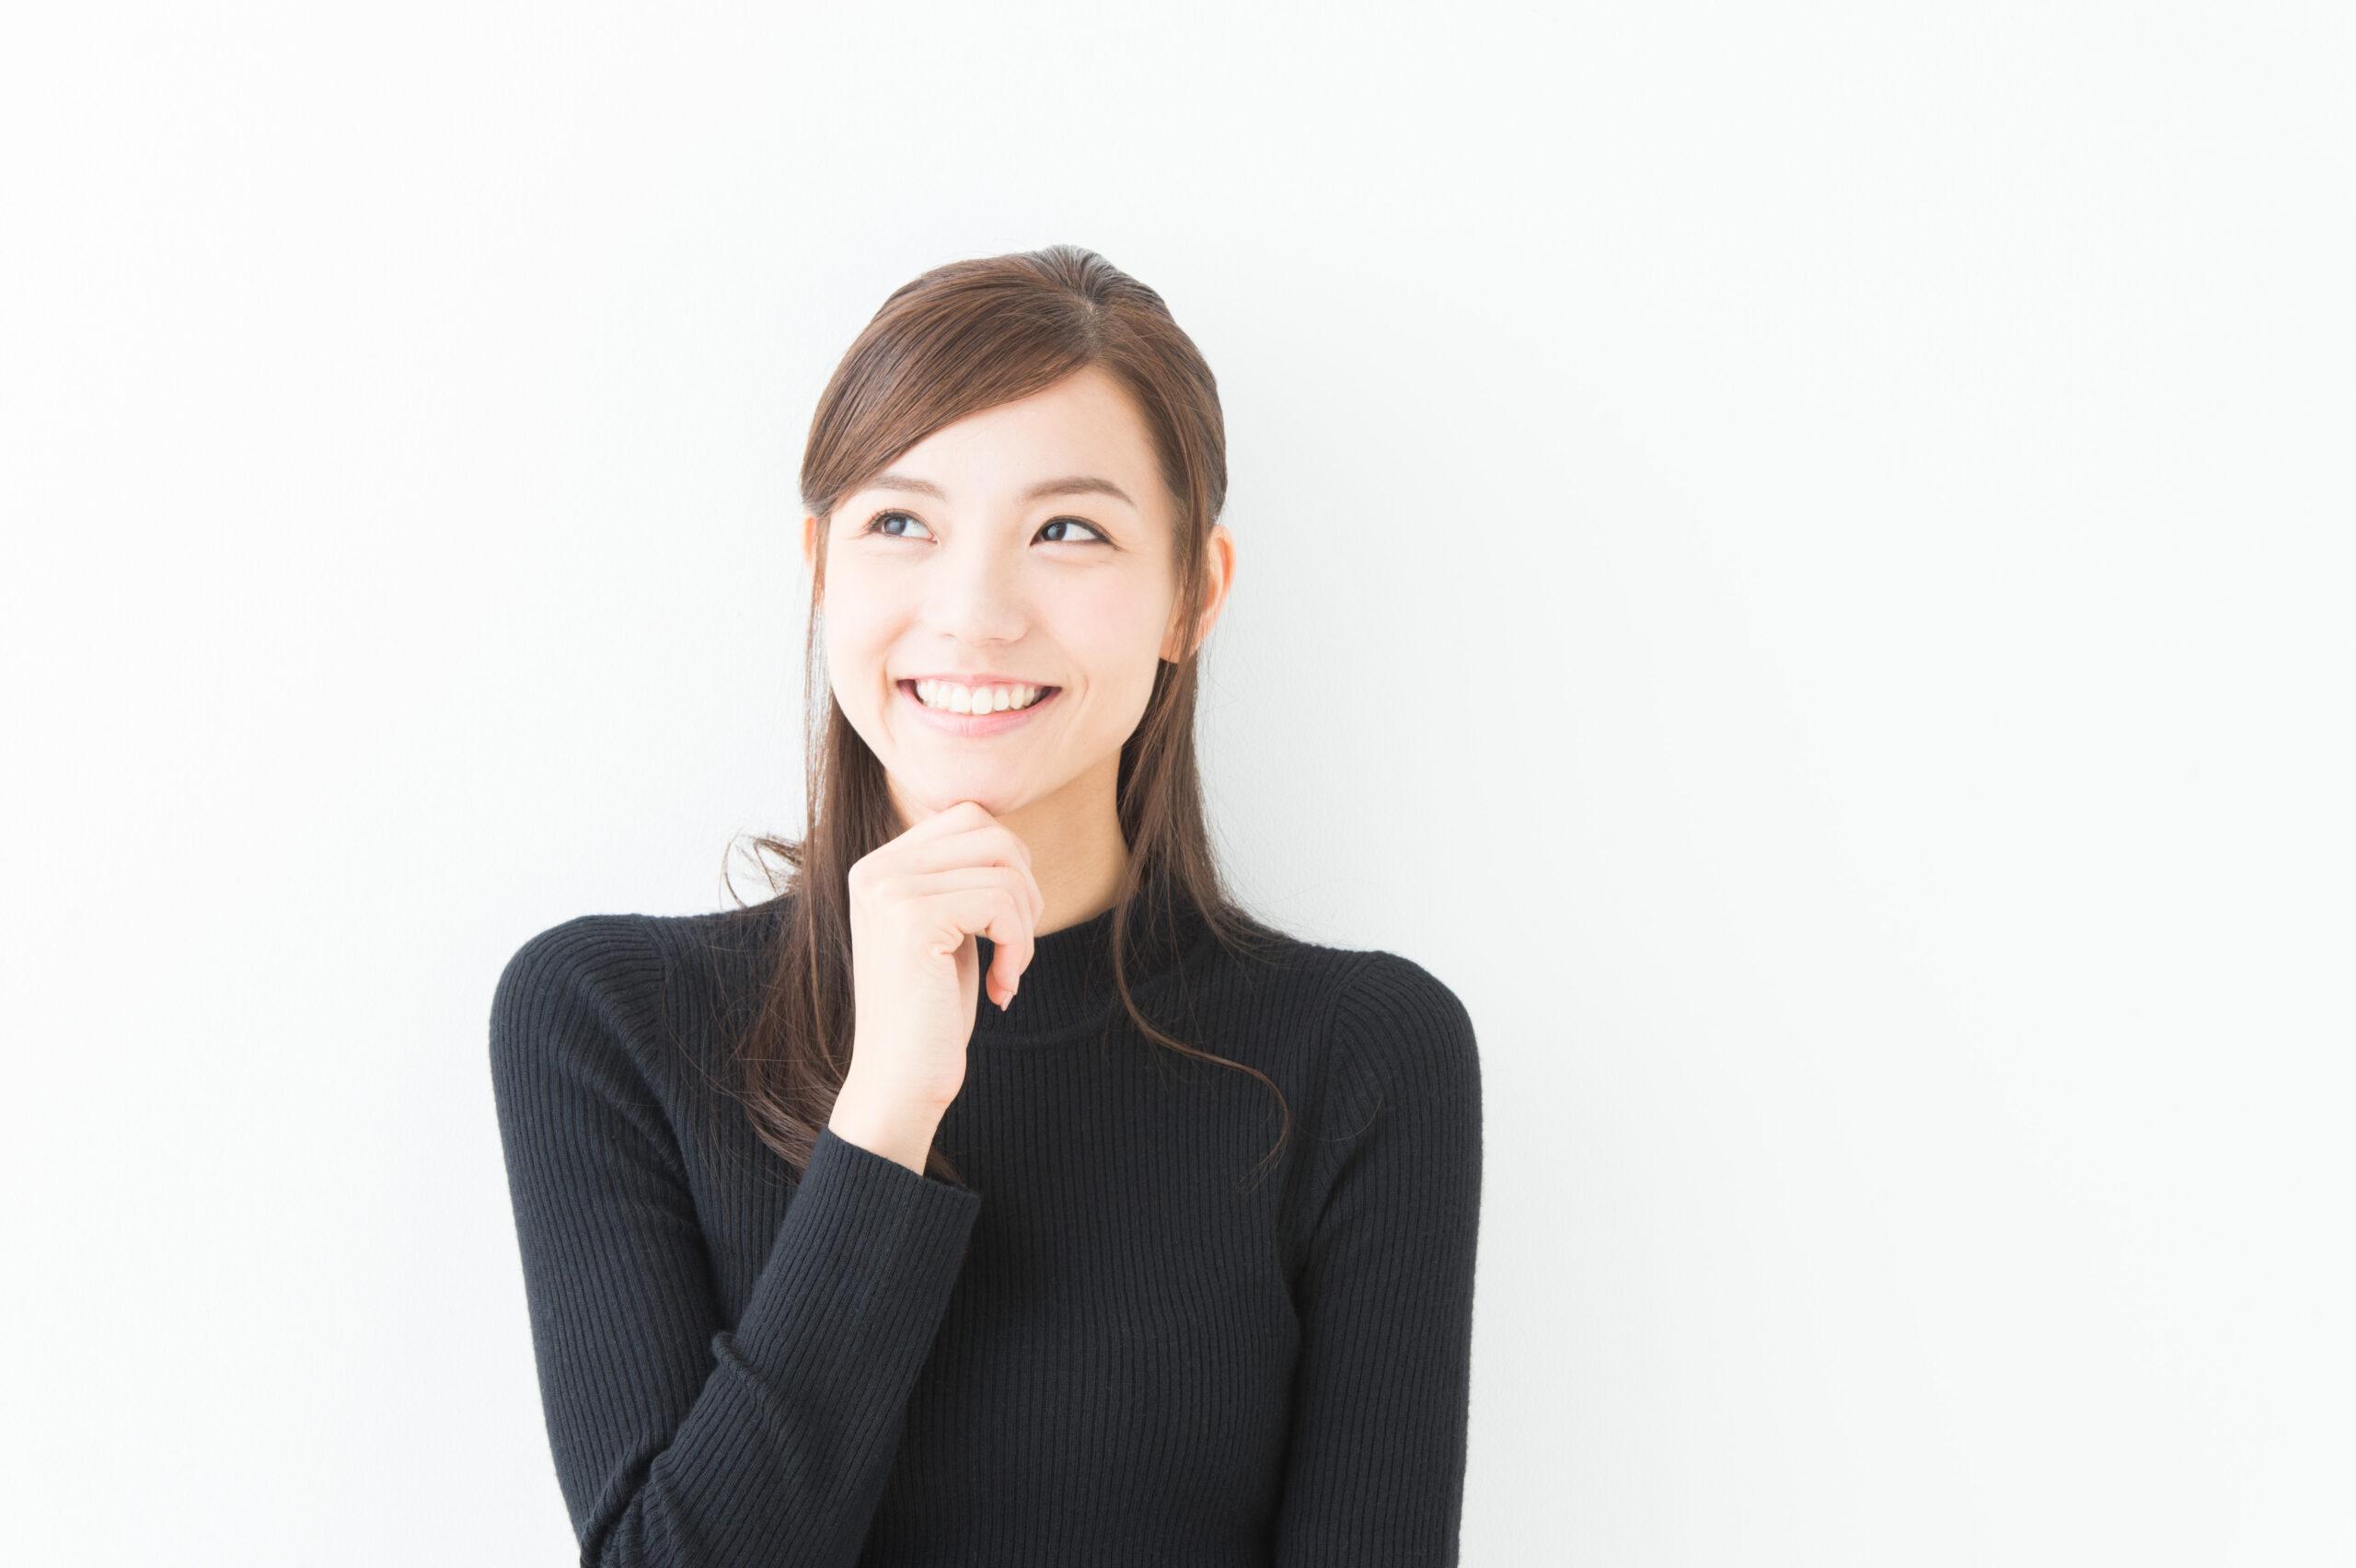 女性・笑顔